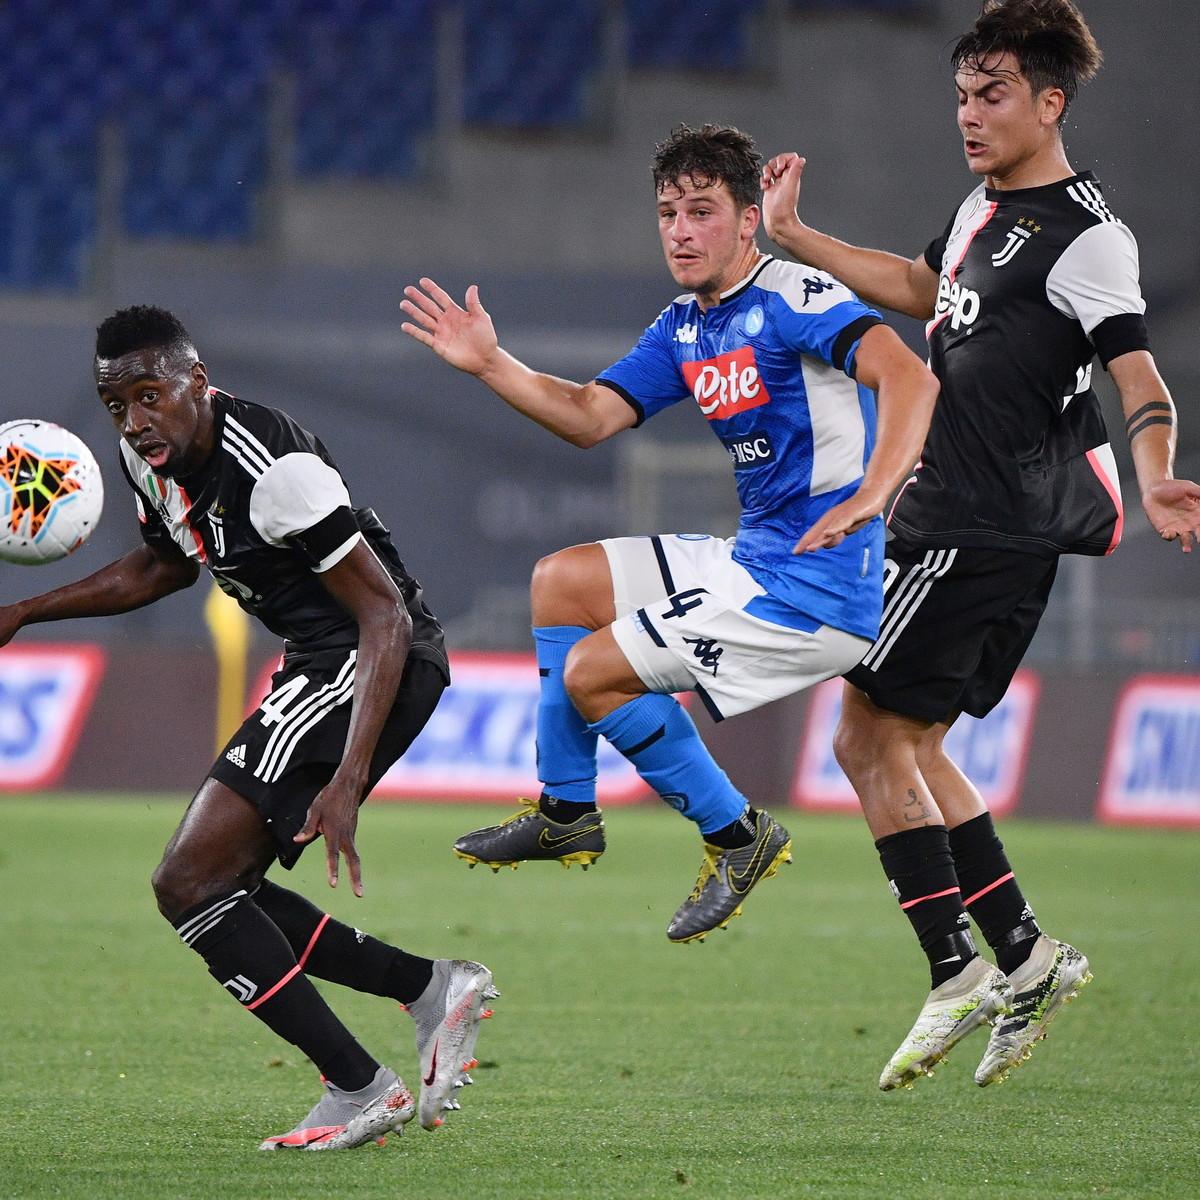 Coppa Italia, trionfa il Napoli di Gattuso: Juventus battuta 4-2 ai rigori